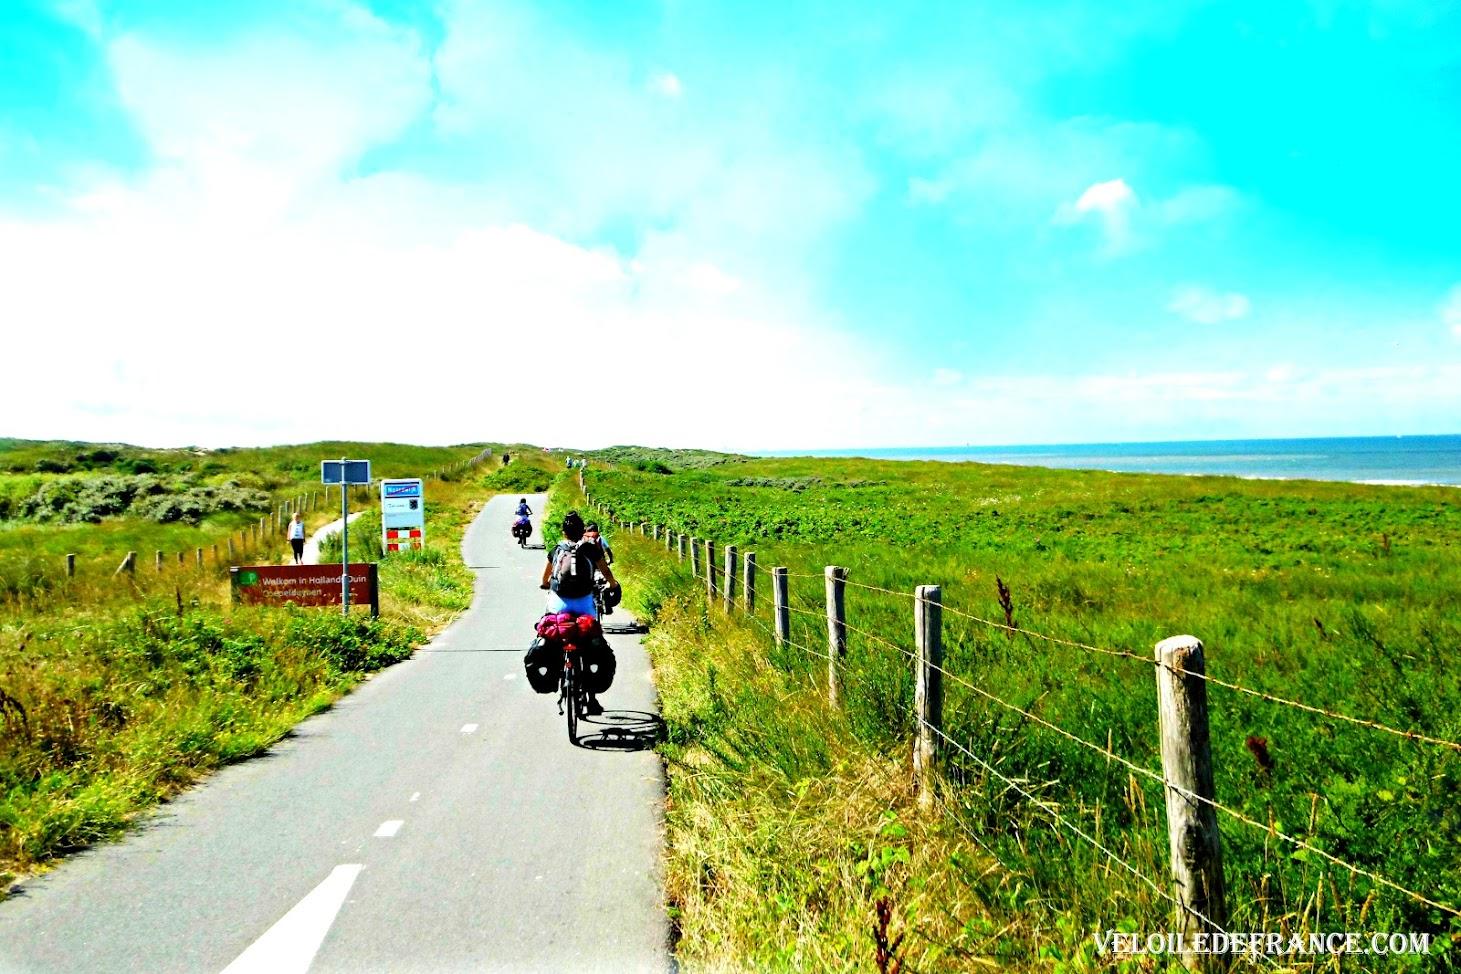 L'autoroute à vélo de la Mer du Nord aux Pays-Bas - Circuit à vélo aux Pays-Bas de Leiden (Leyde) au parc de Keukenhof par veloiledefrance.com